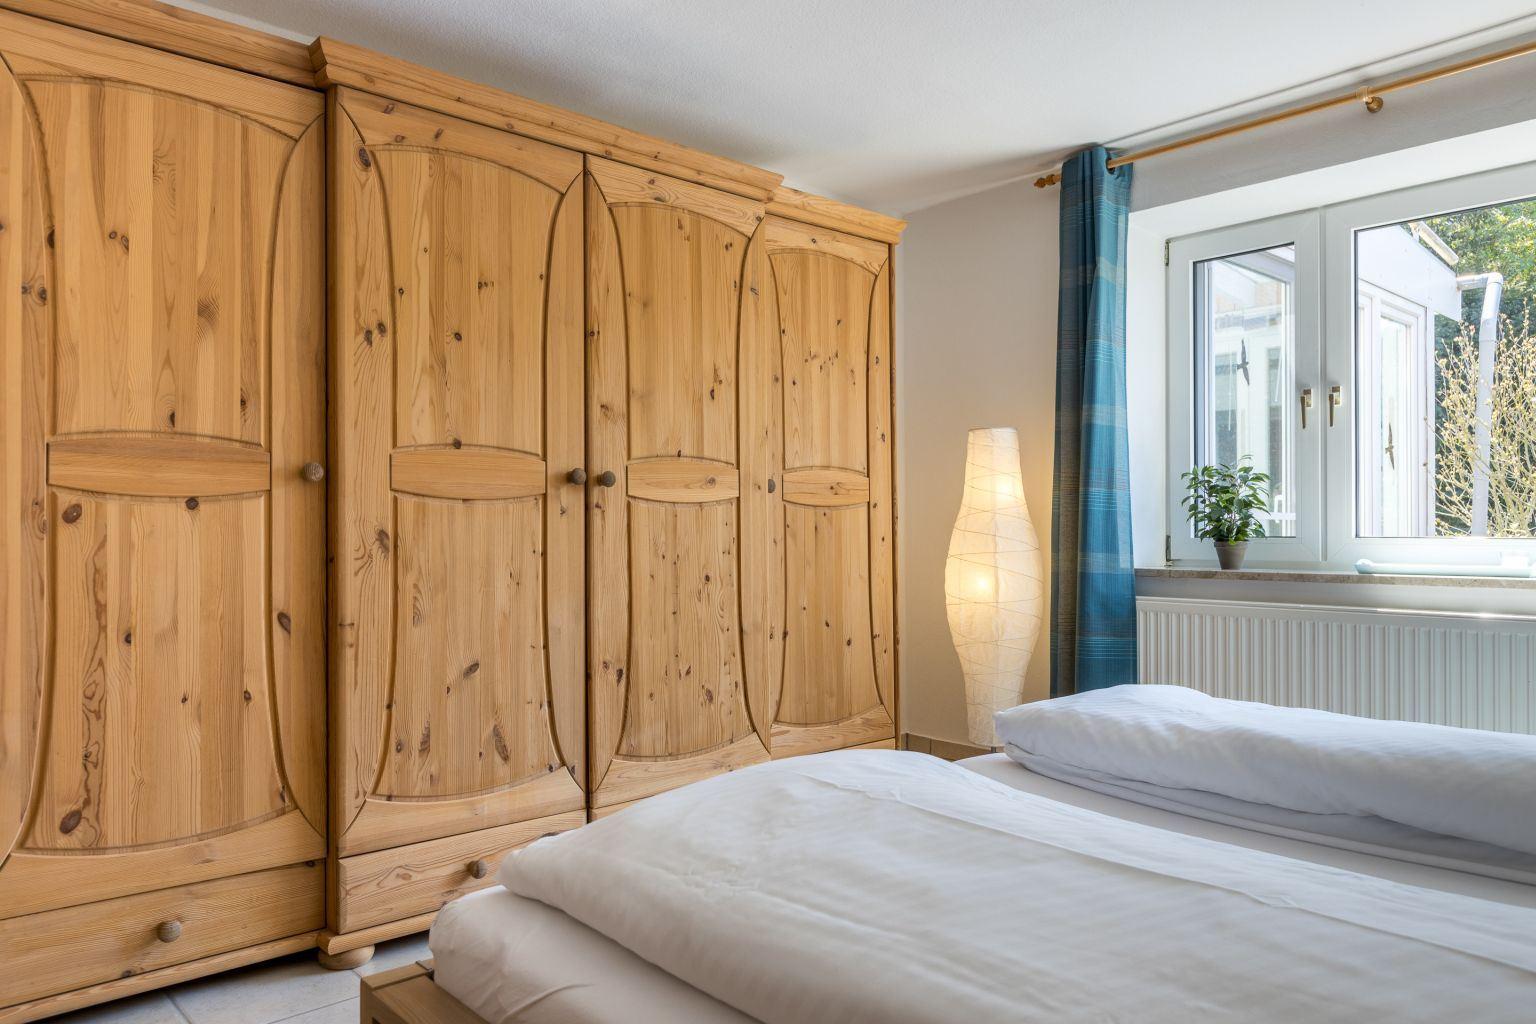 Schlafzimmer - Haus Sturmmoewe, Wohnung 4, Badallee 27-27a, St. Peter-Dorf